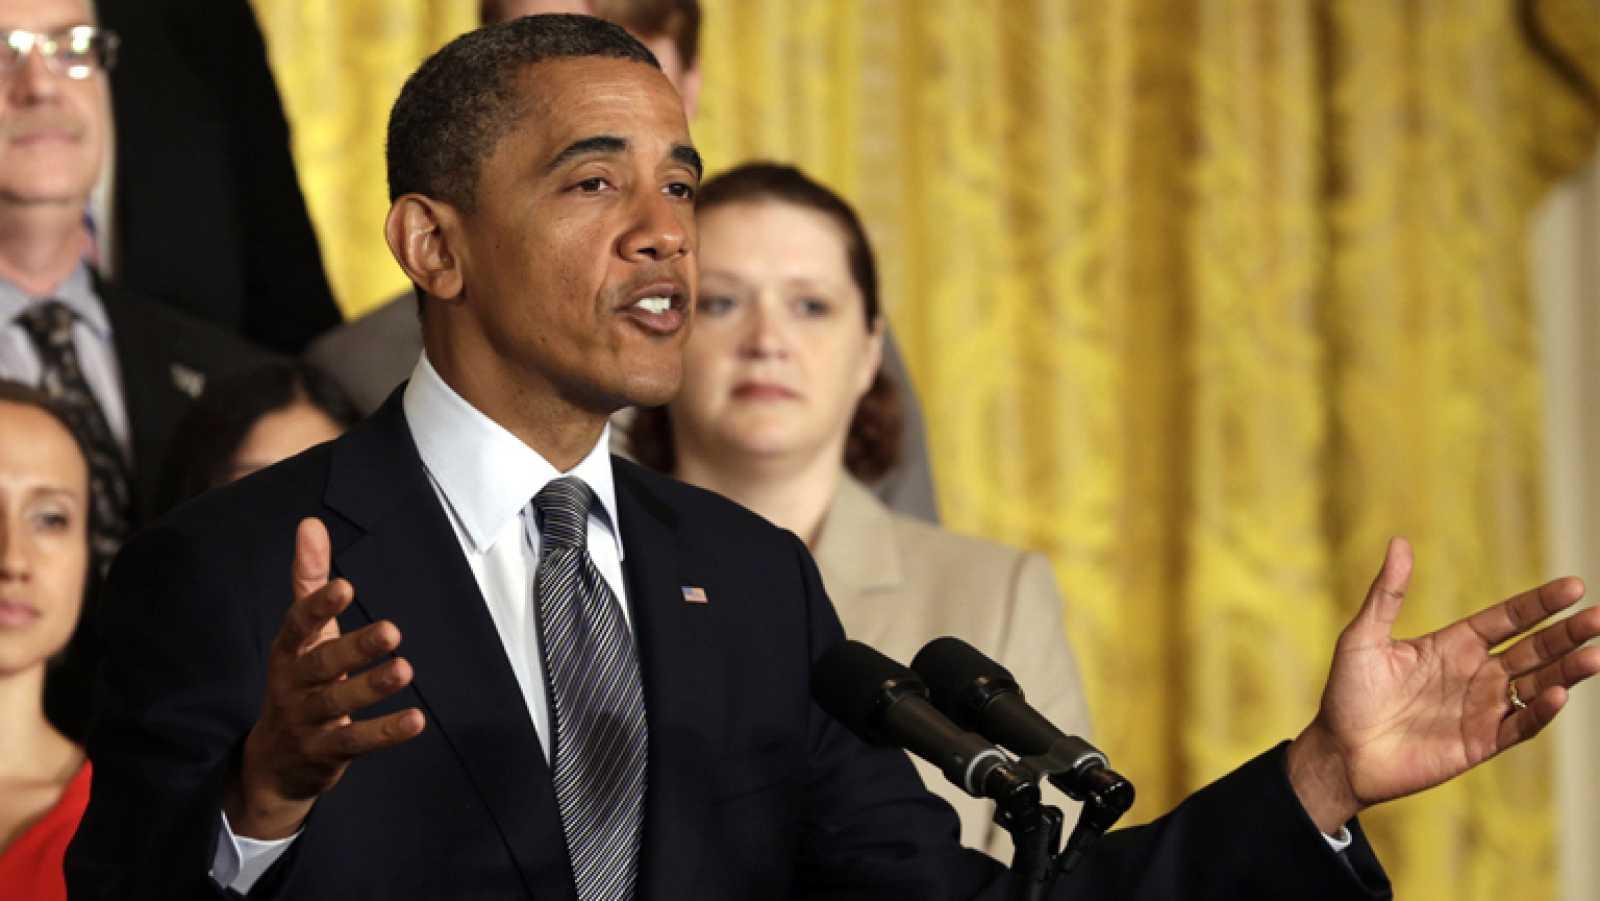 El presidente de Estados Unidos, Barack Obama, ha solicitado en el Congreso que se mantengan las ventajas fiscales para la clase media y se anulen para los más ricos.